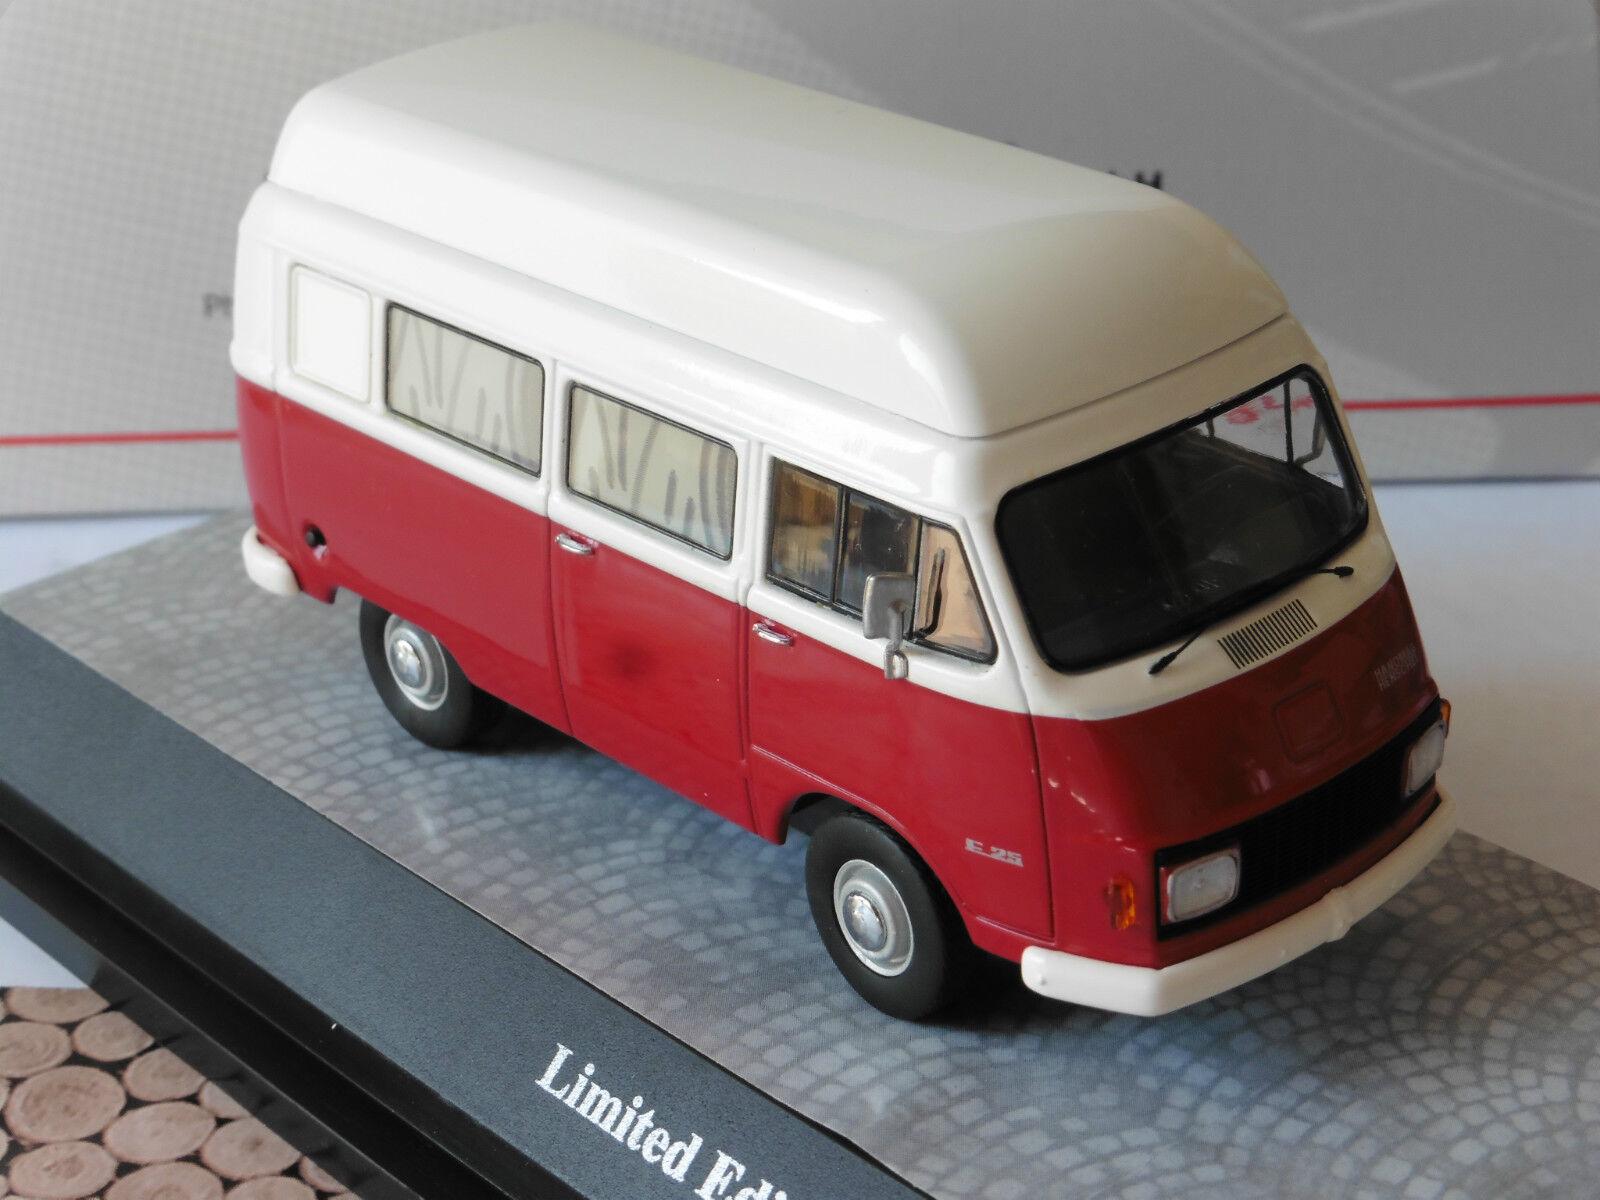 Hanomag f25 camping 1965 red white premium classixxs 13475 1 43 because henschel